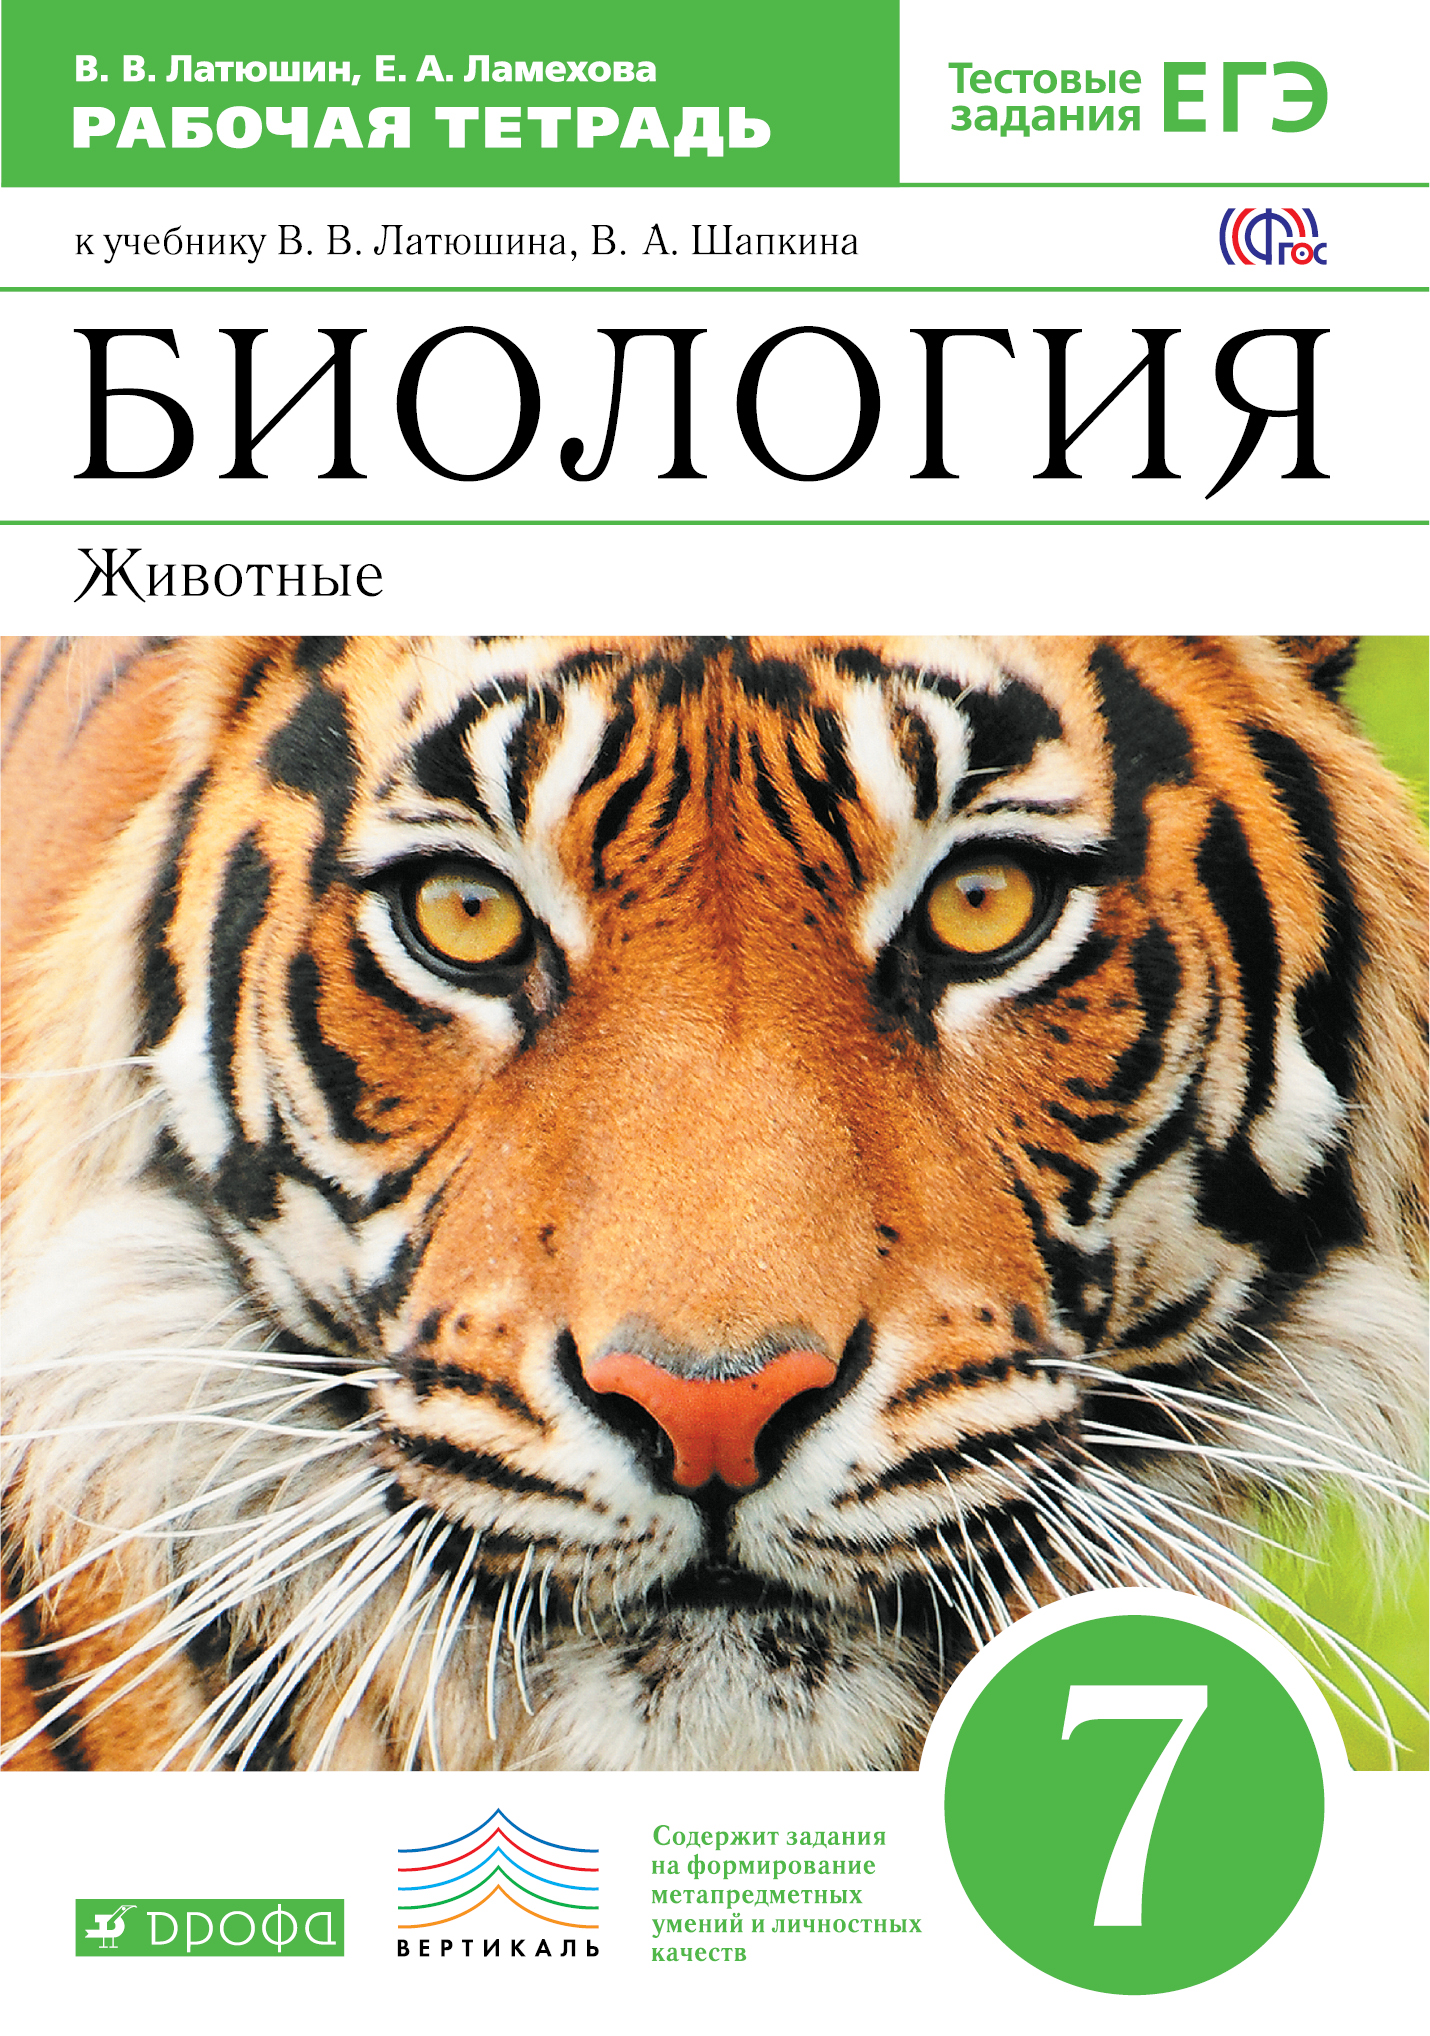 Биология. Животные 7кл [Р/т] ВЕРТИКАЛЬ